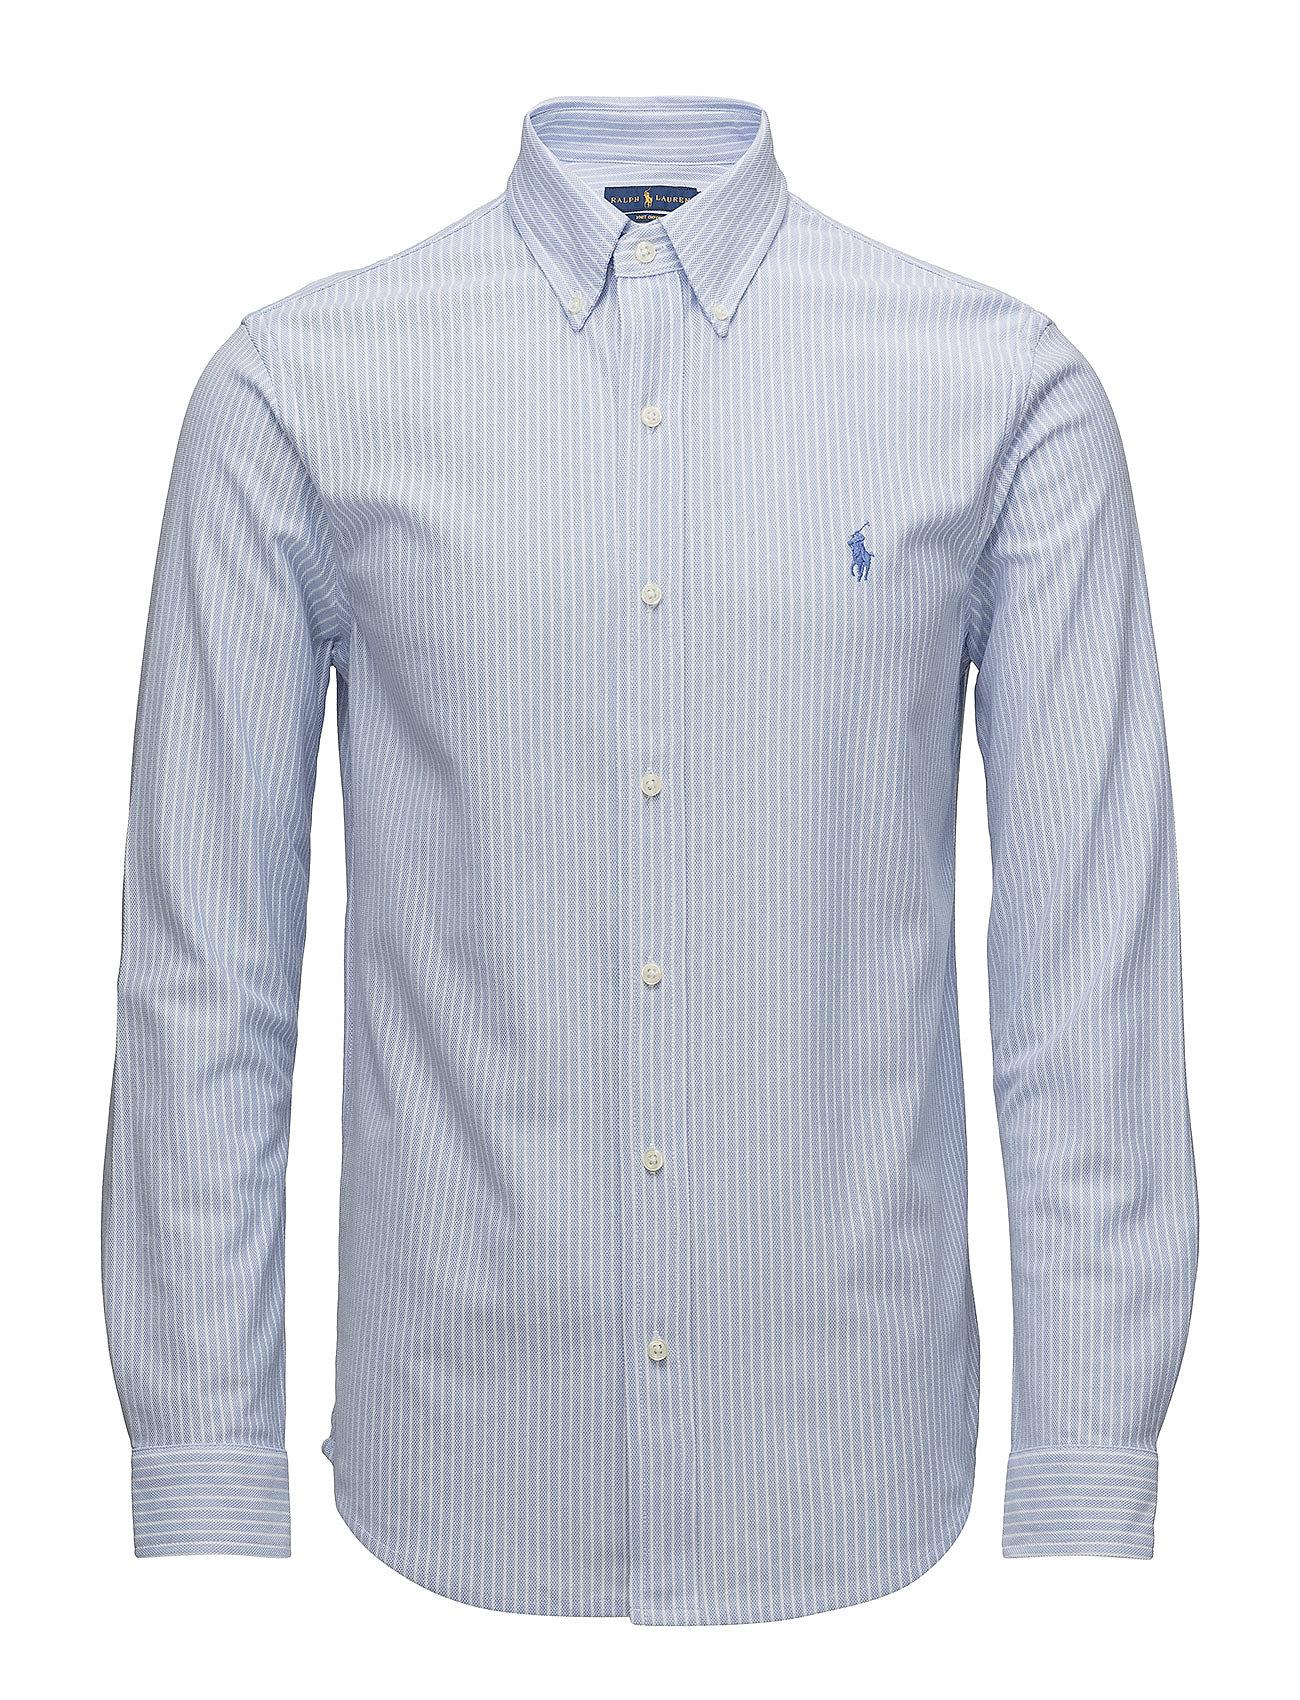 Polo Ralph Lauren LSFBBDM2-LONG SLEEVE-KNIT - DRESS SHIRT BLUE/